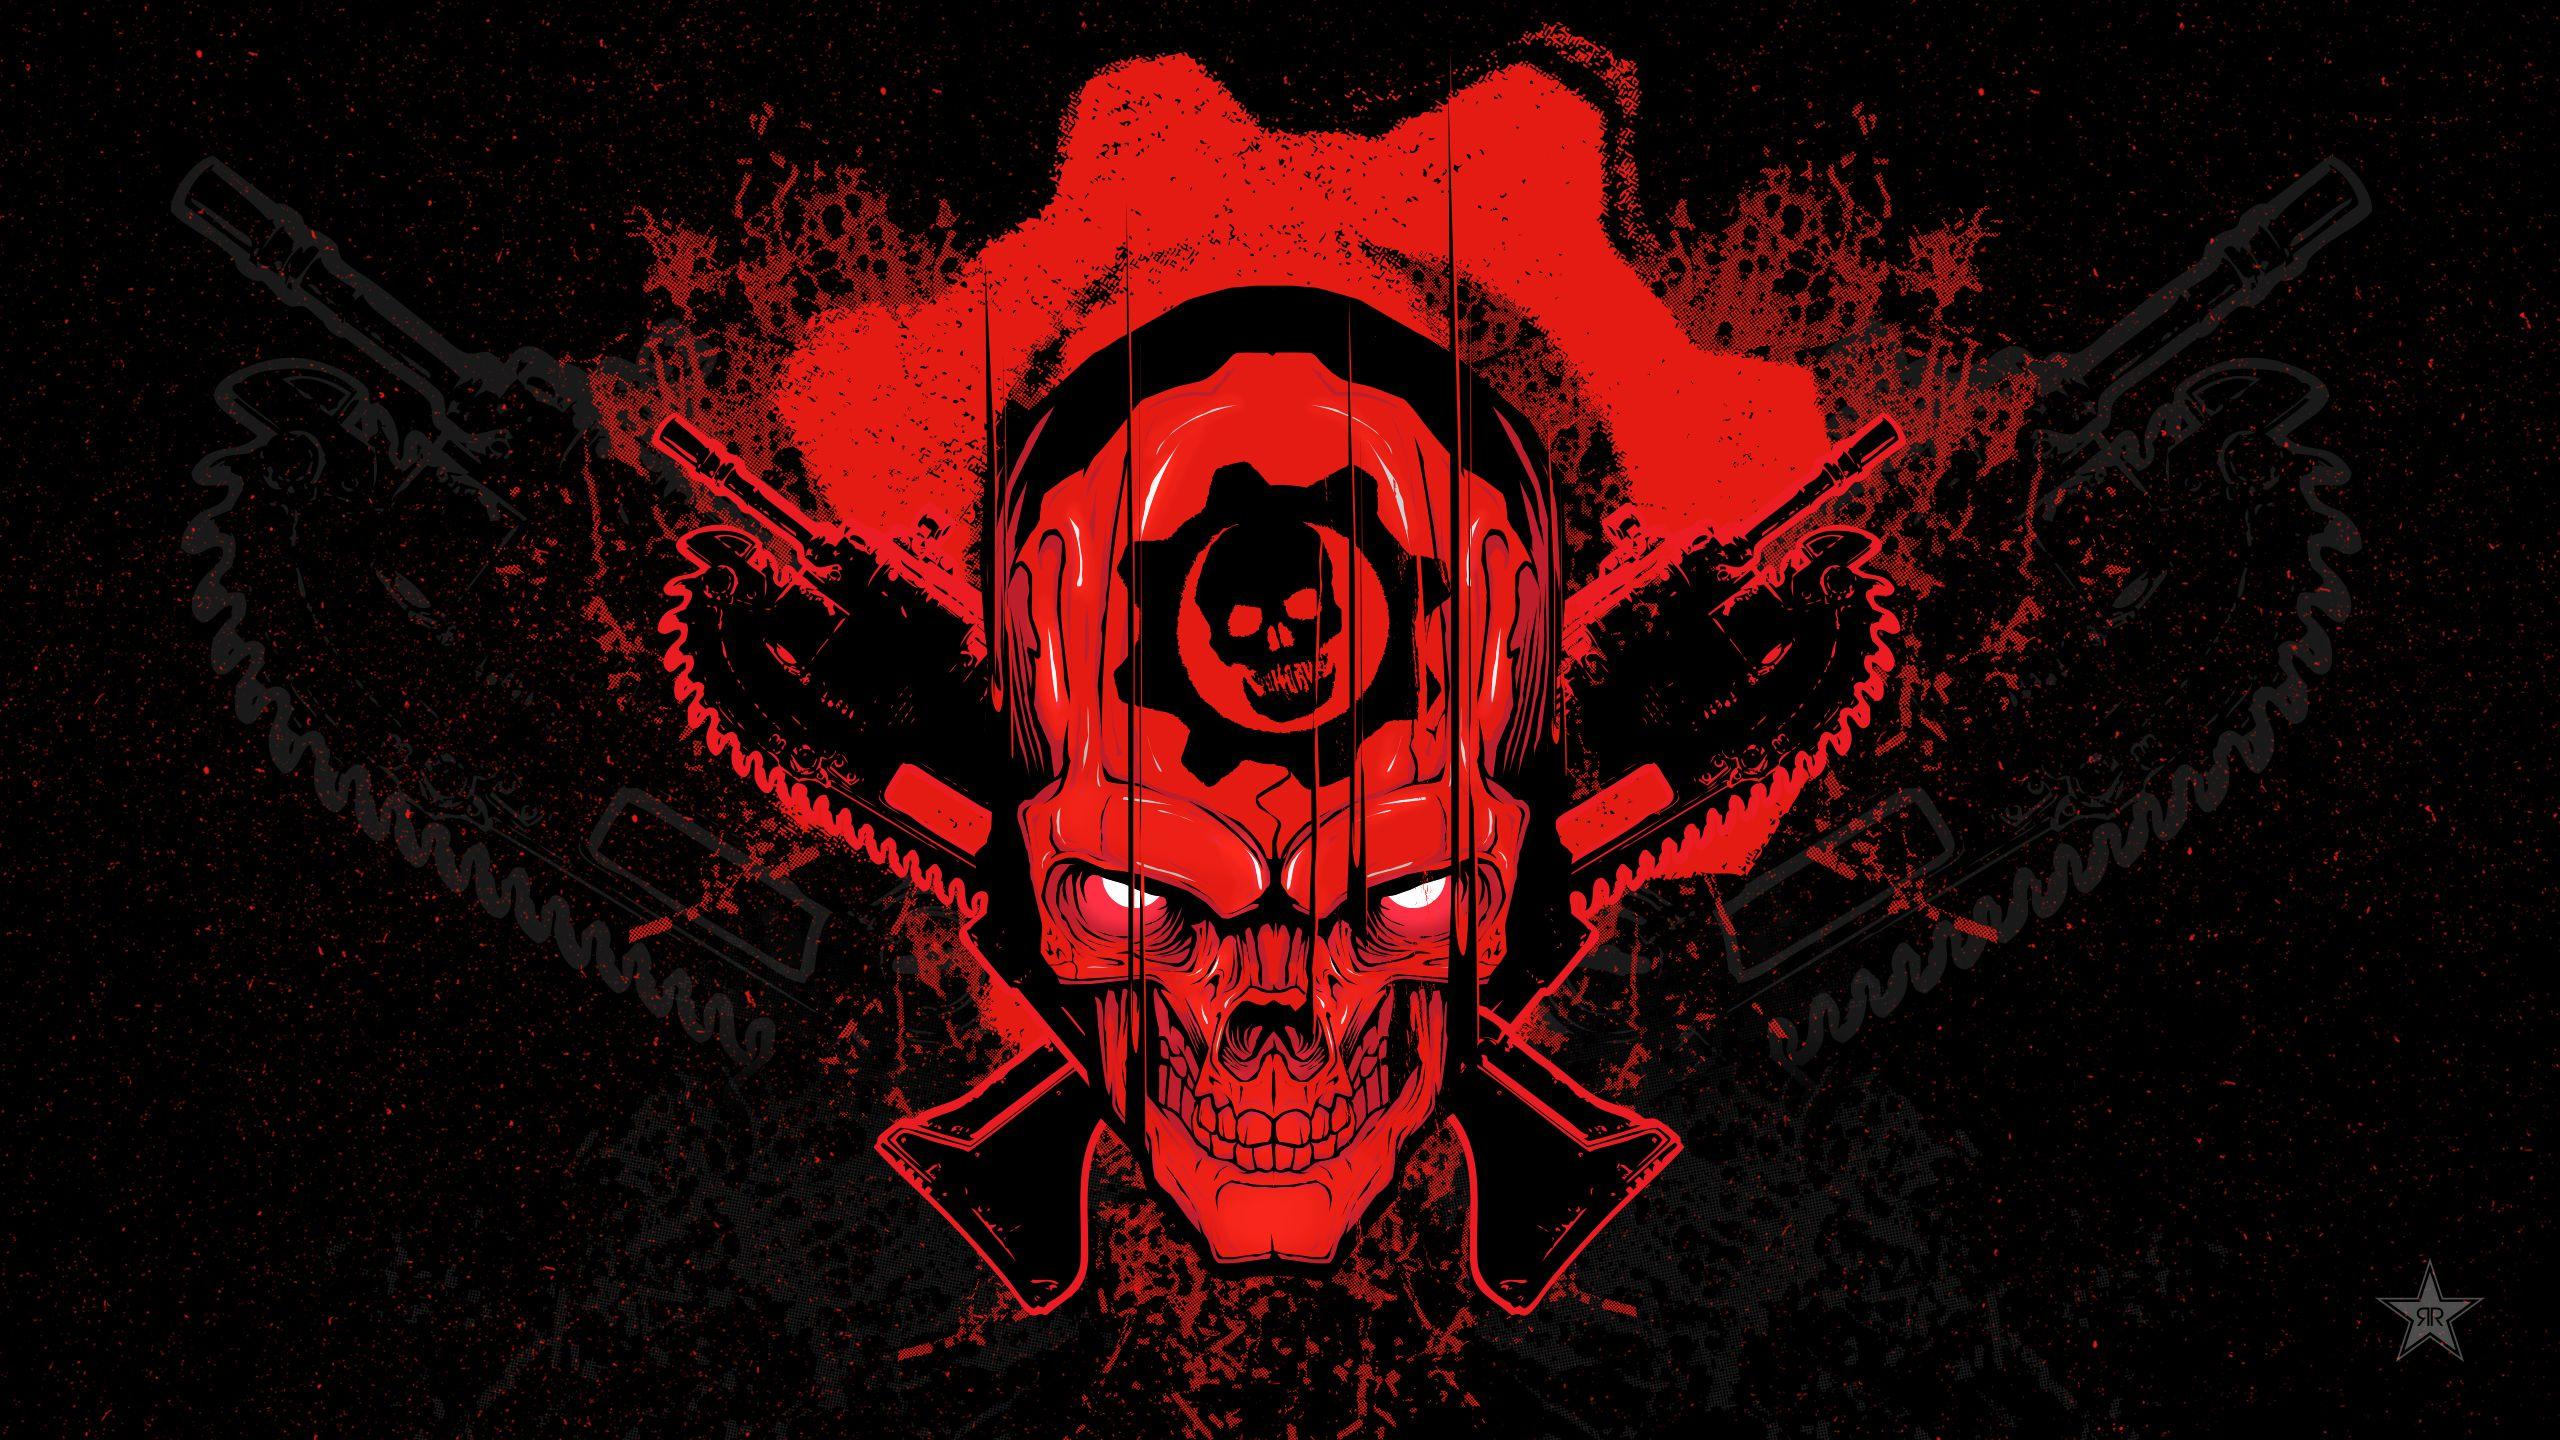 Wallpaper Gears Of War Kait Diaz Jd Fenix Delmont Walker K Gears